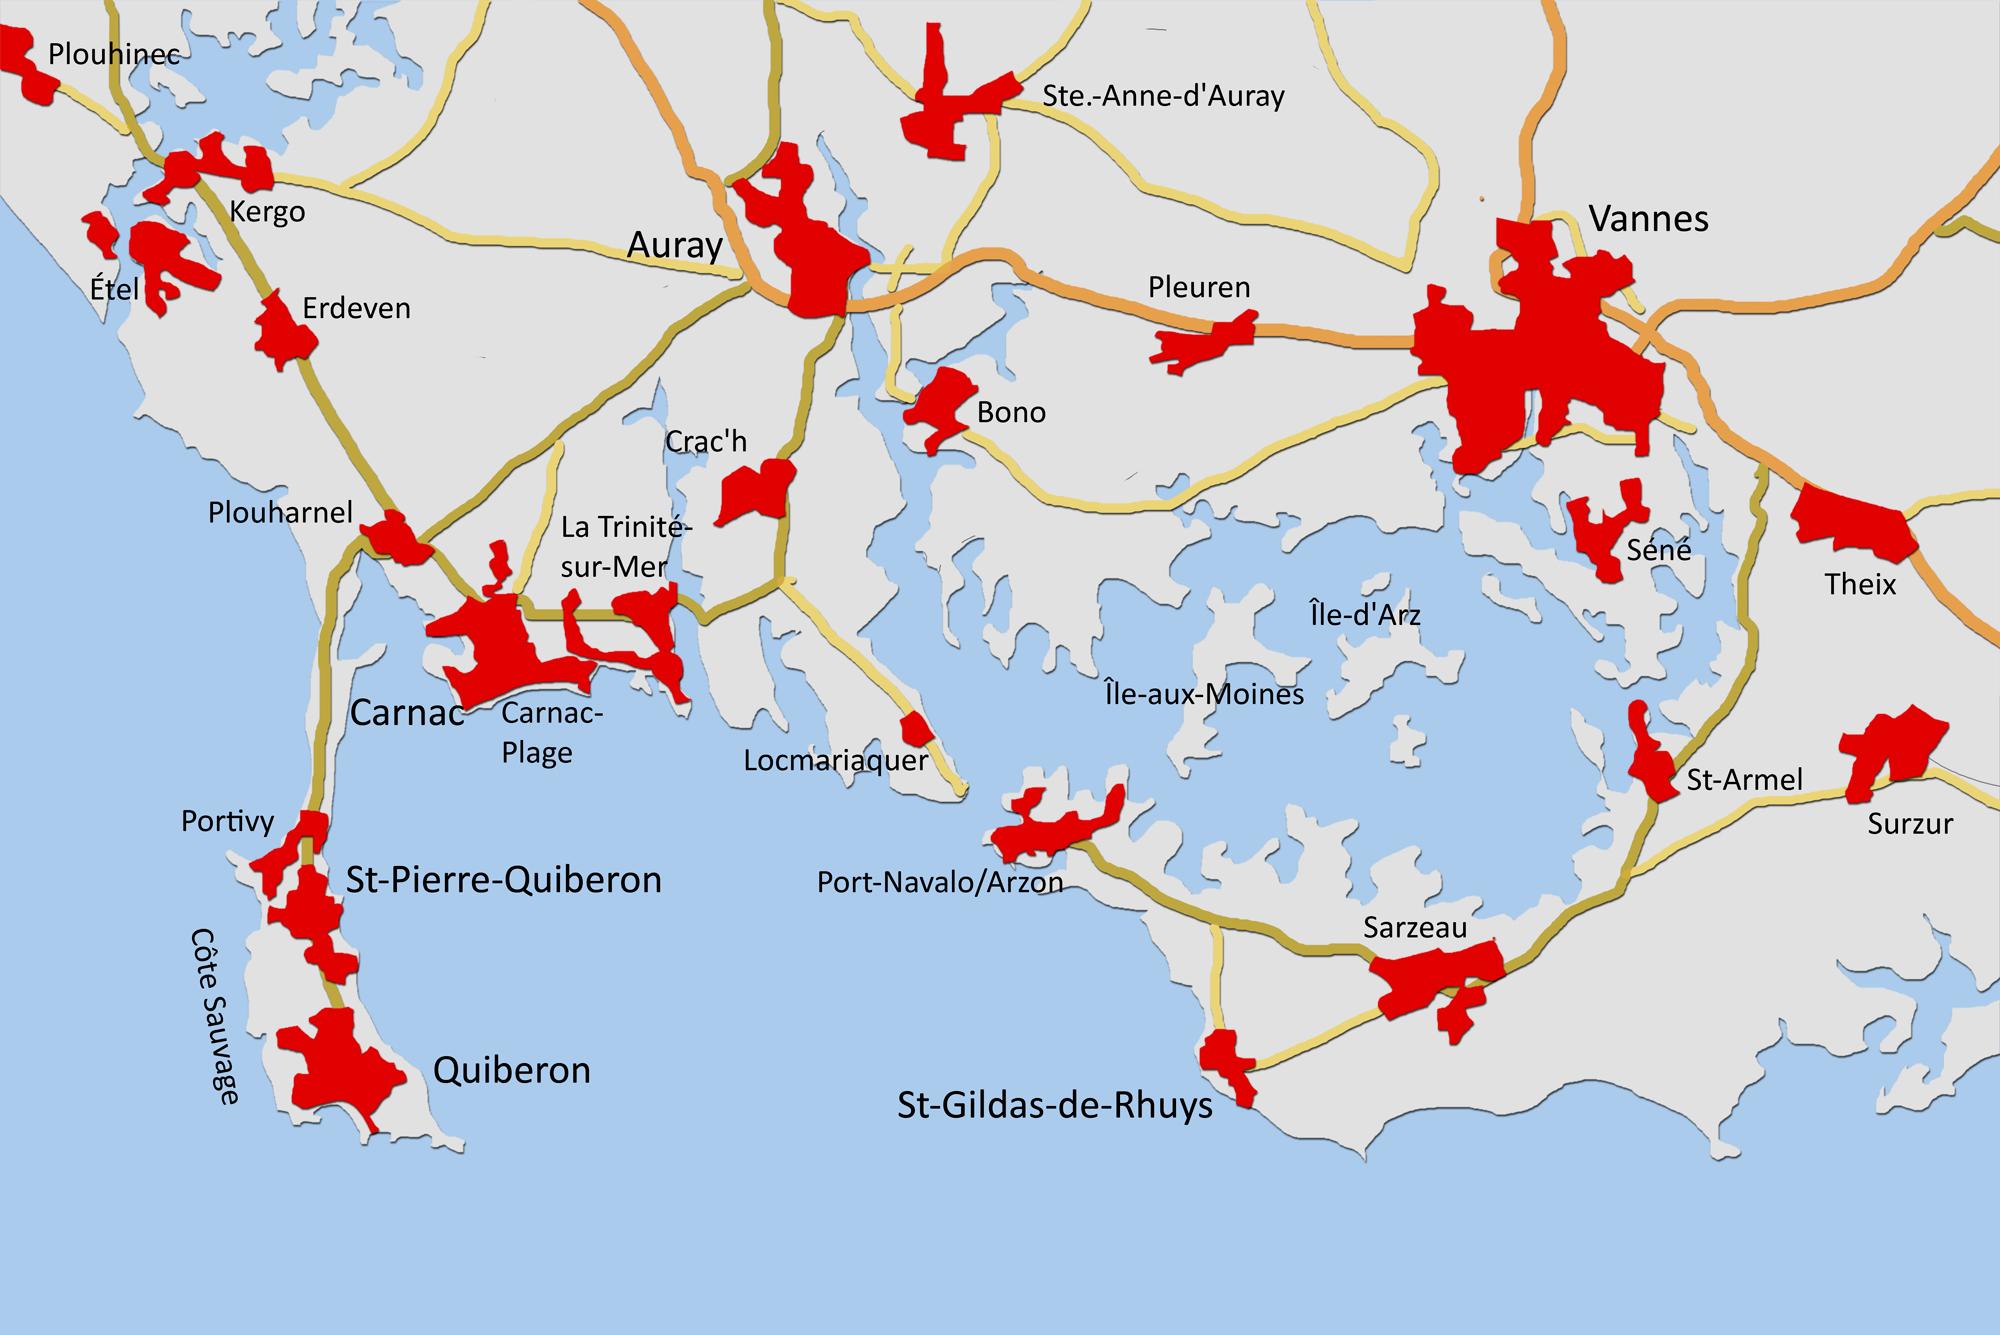 Der Bereich um Vannes am Golf von Morbihan